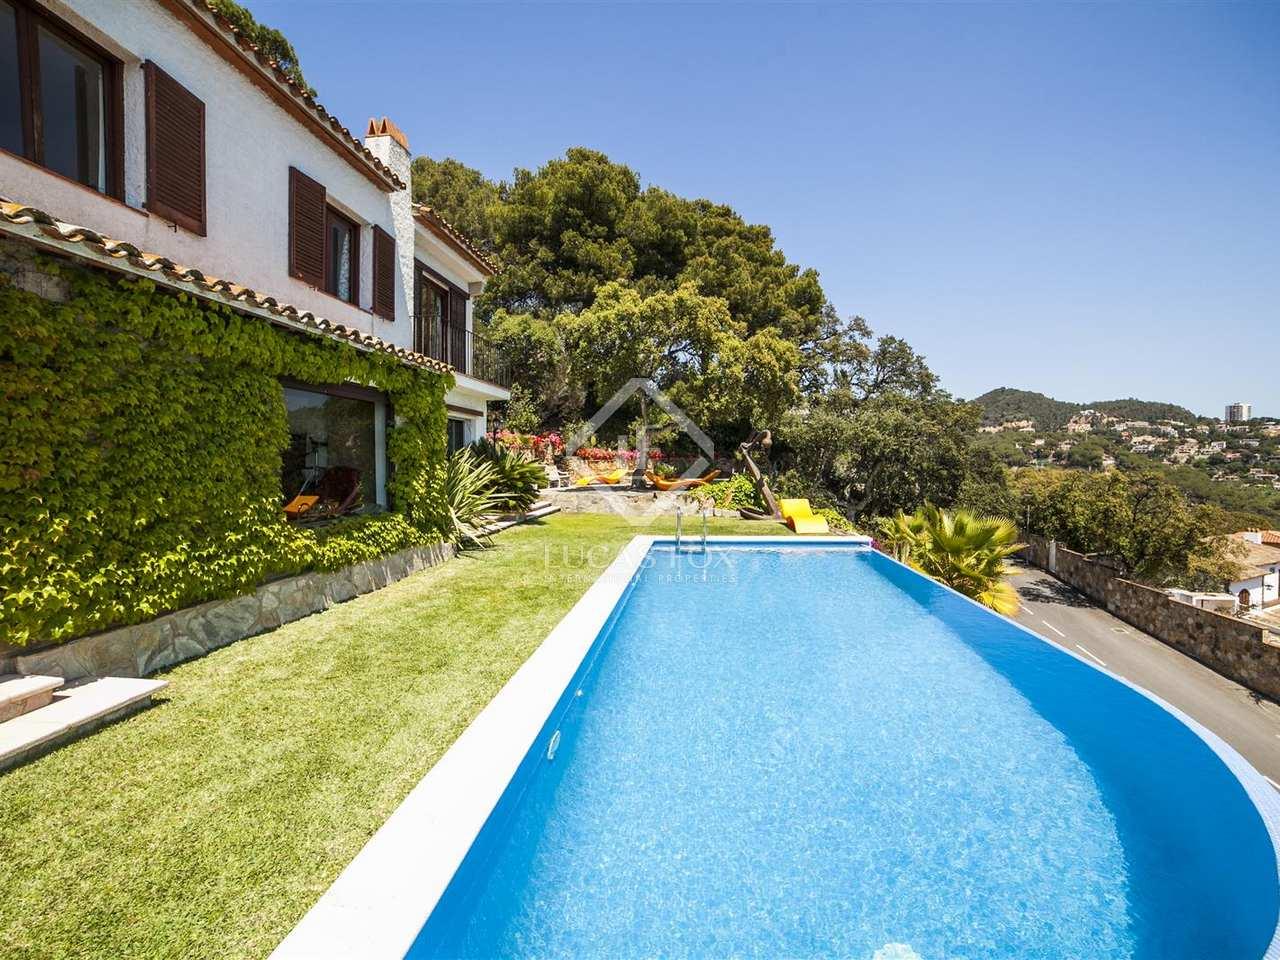 Villa zum verkauf in lloret de mar an der costa brava for Pool verkauf